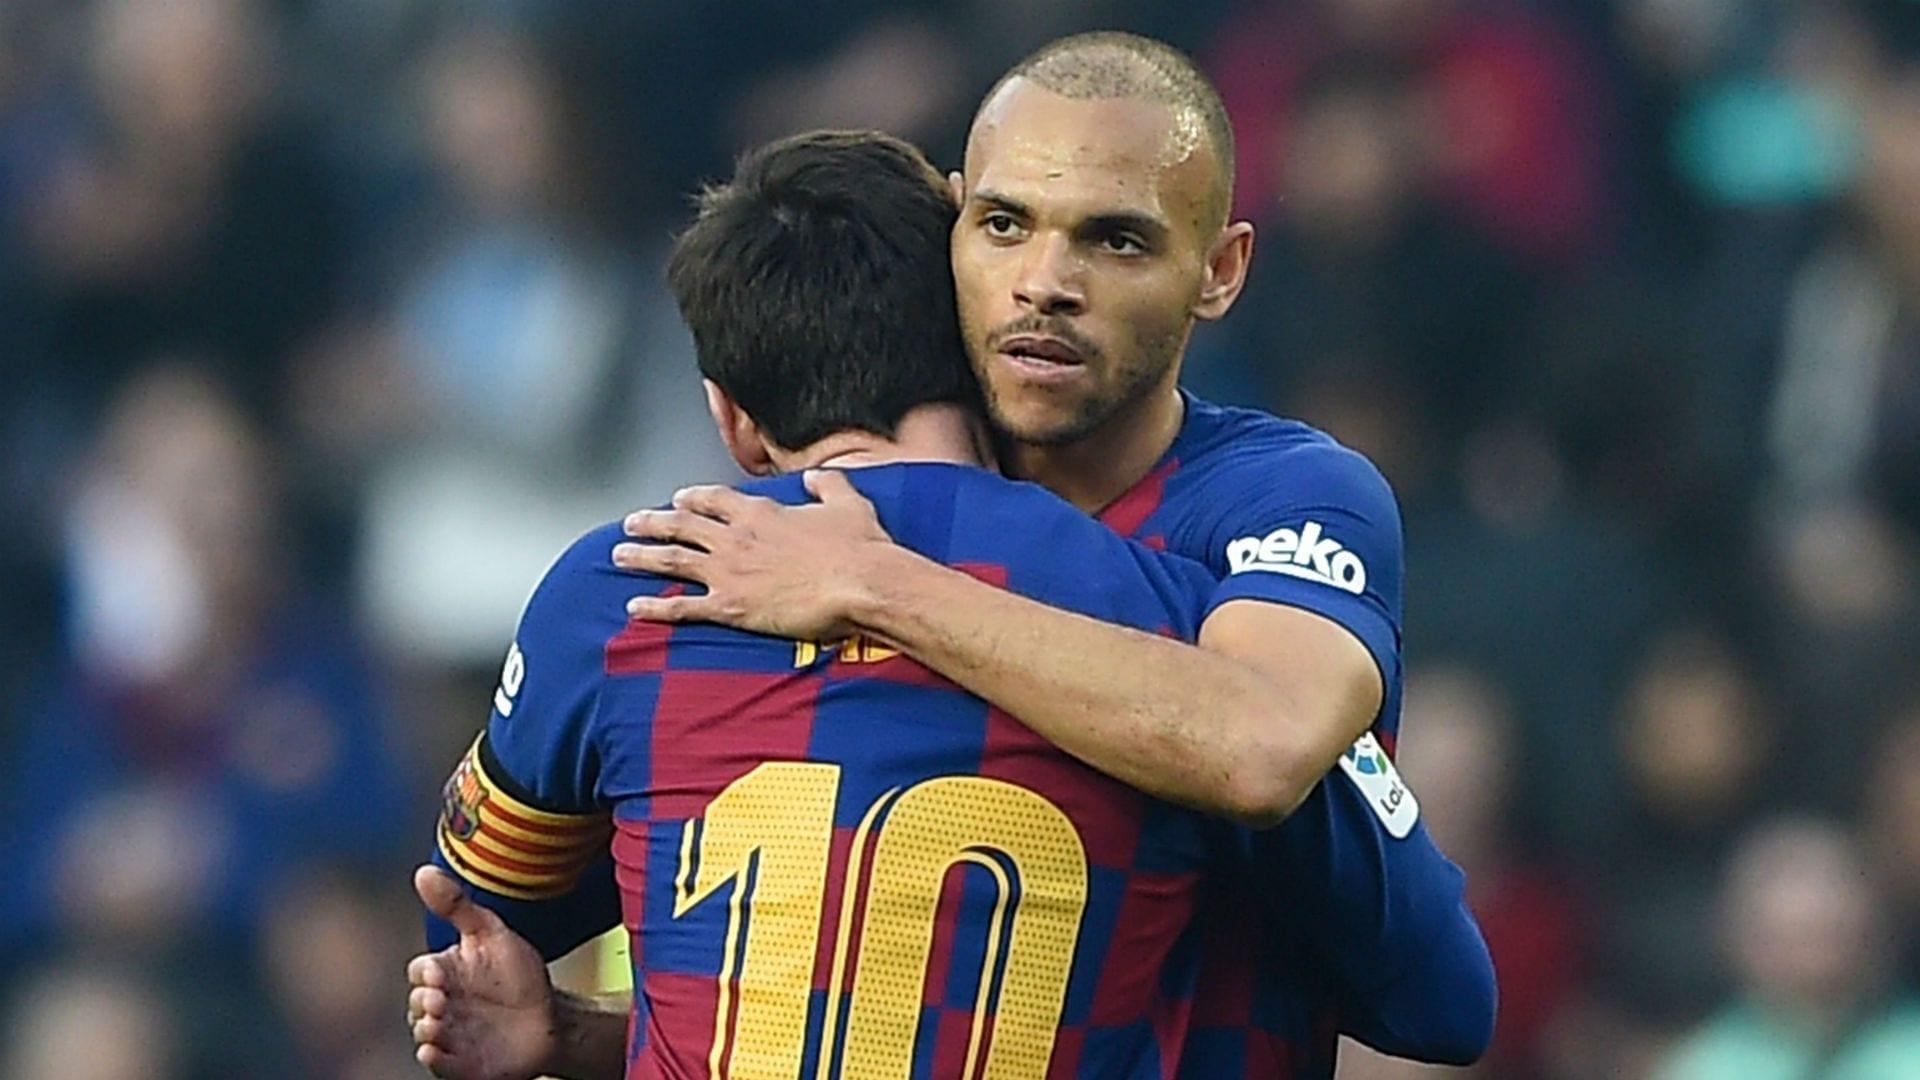 Barça : « Si le football était une religion, Messi serait un Dieu », Martin Braithwaite